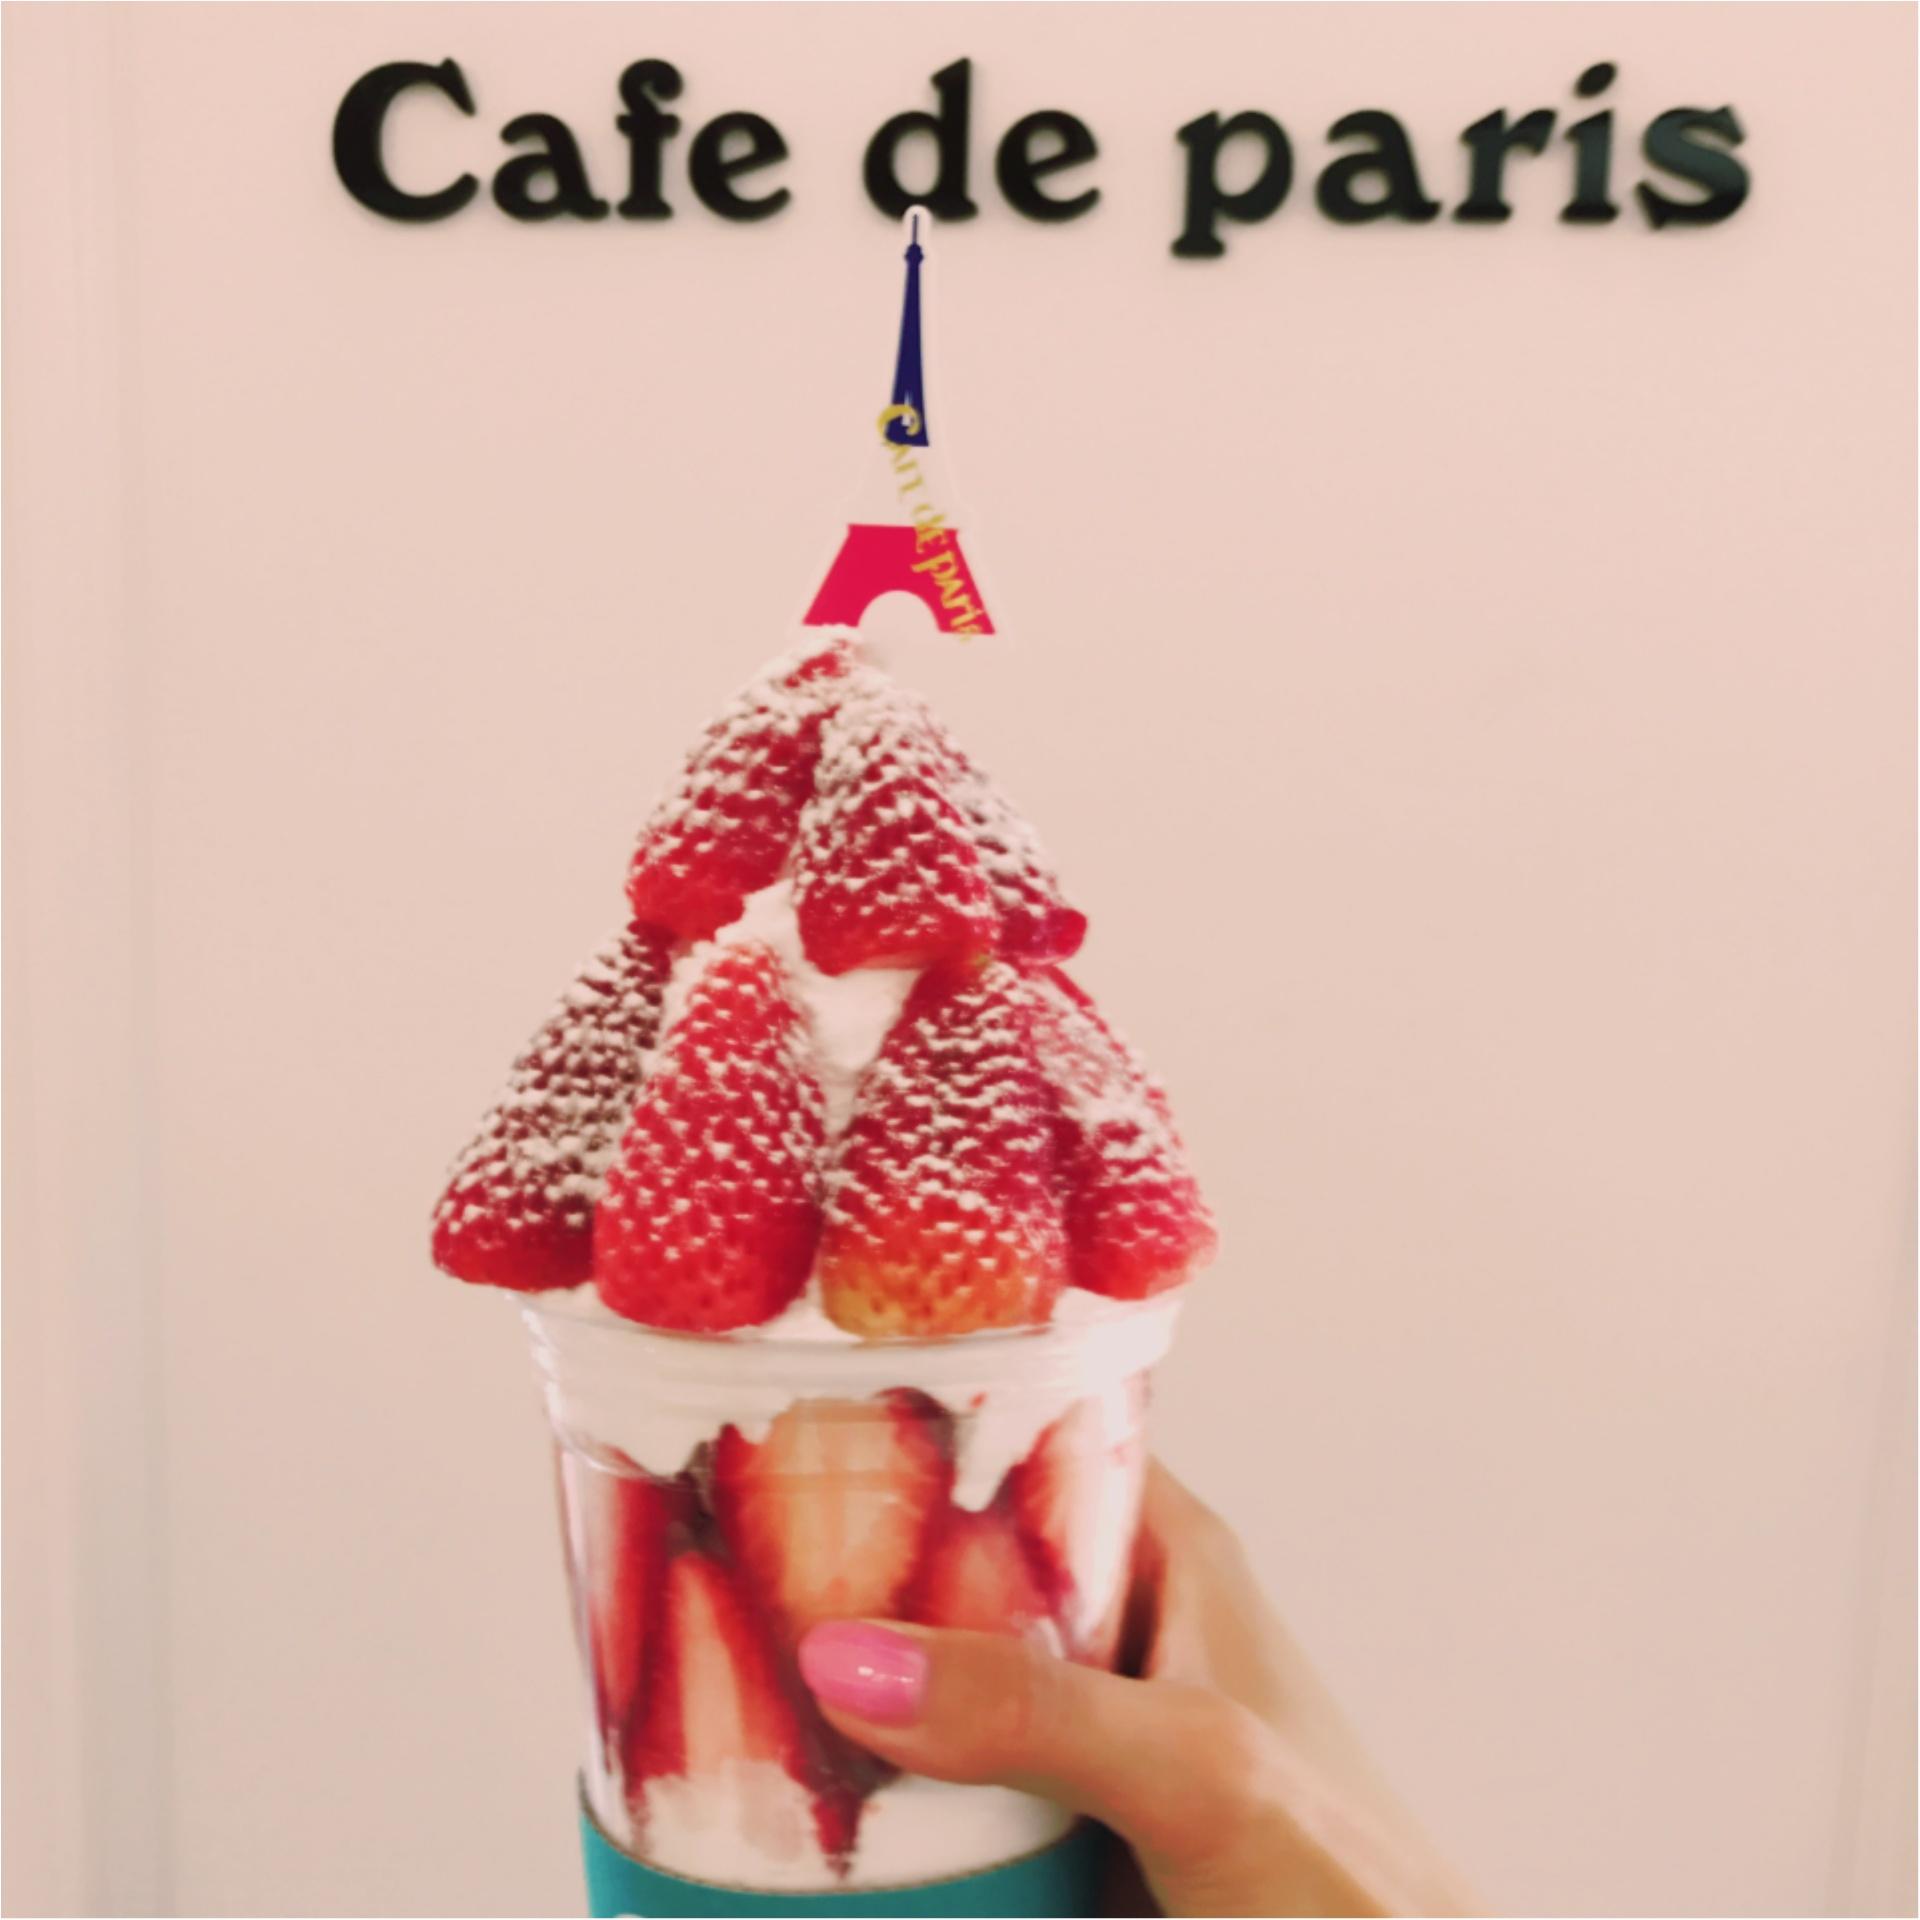 ★可愛い!美味しい!オシャレ!韓国の『Cafe de Paris』は全てが噂以上でした★_2